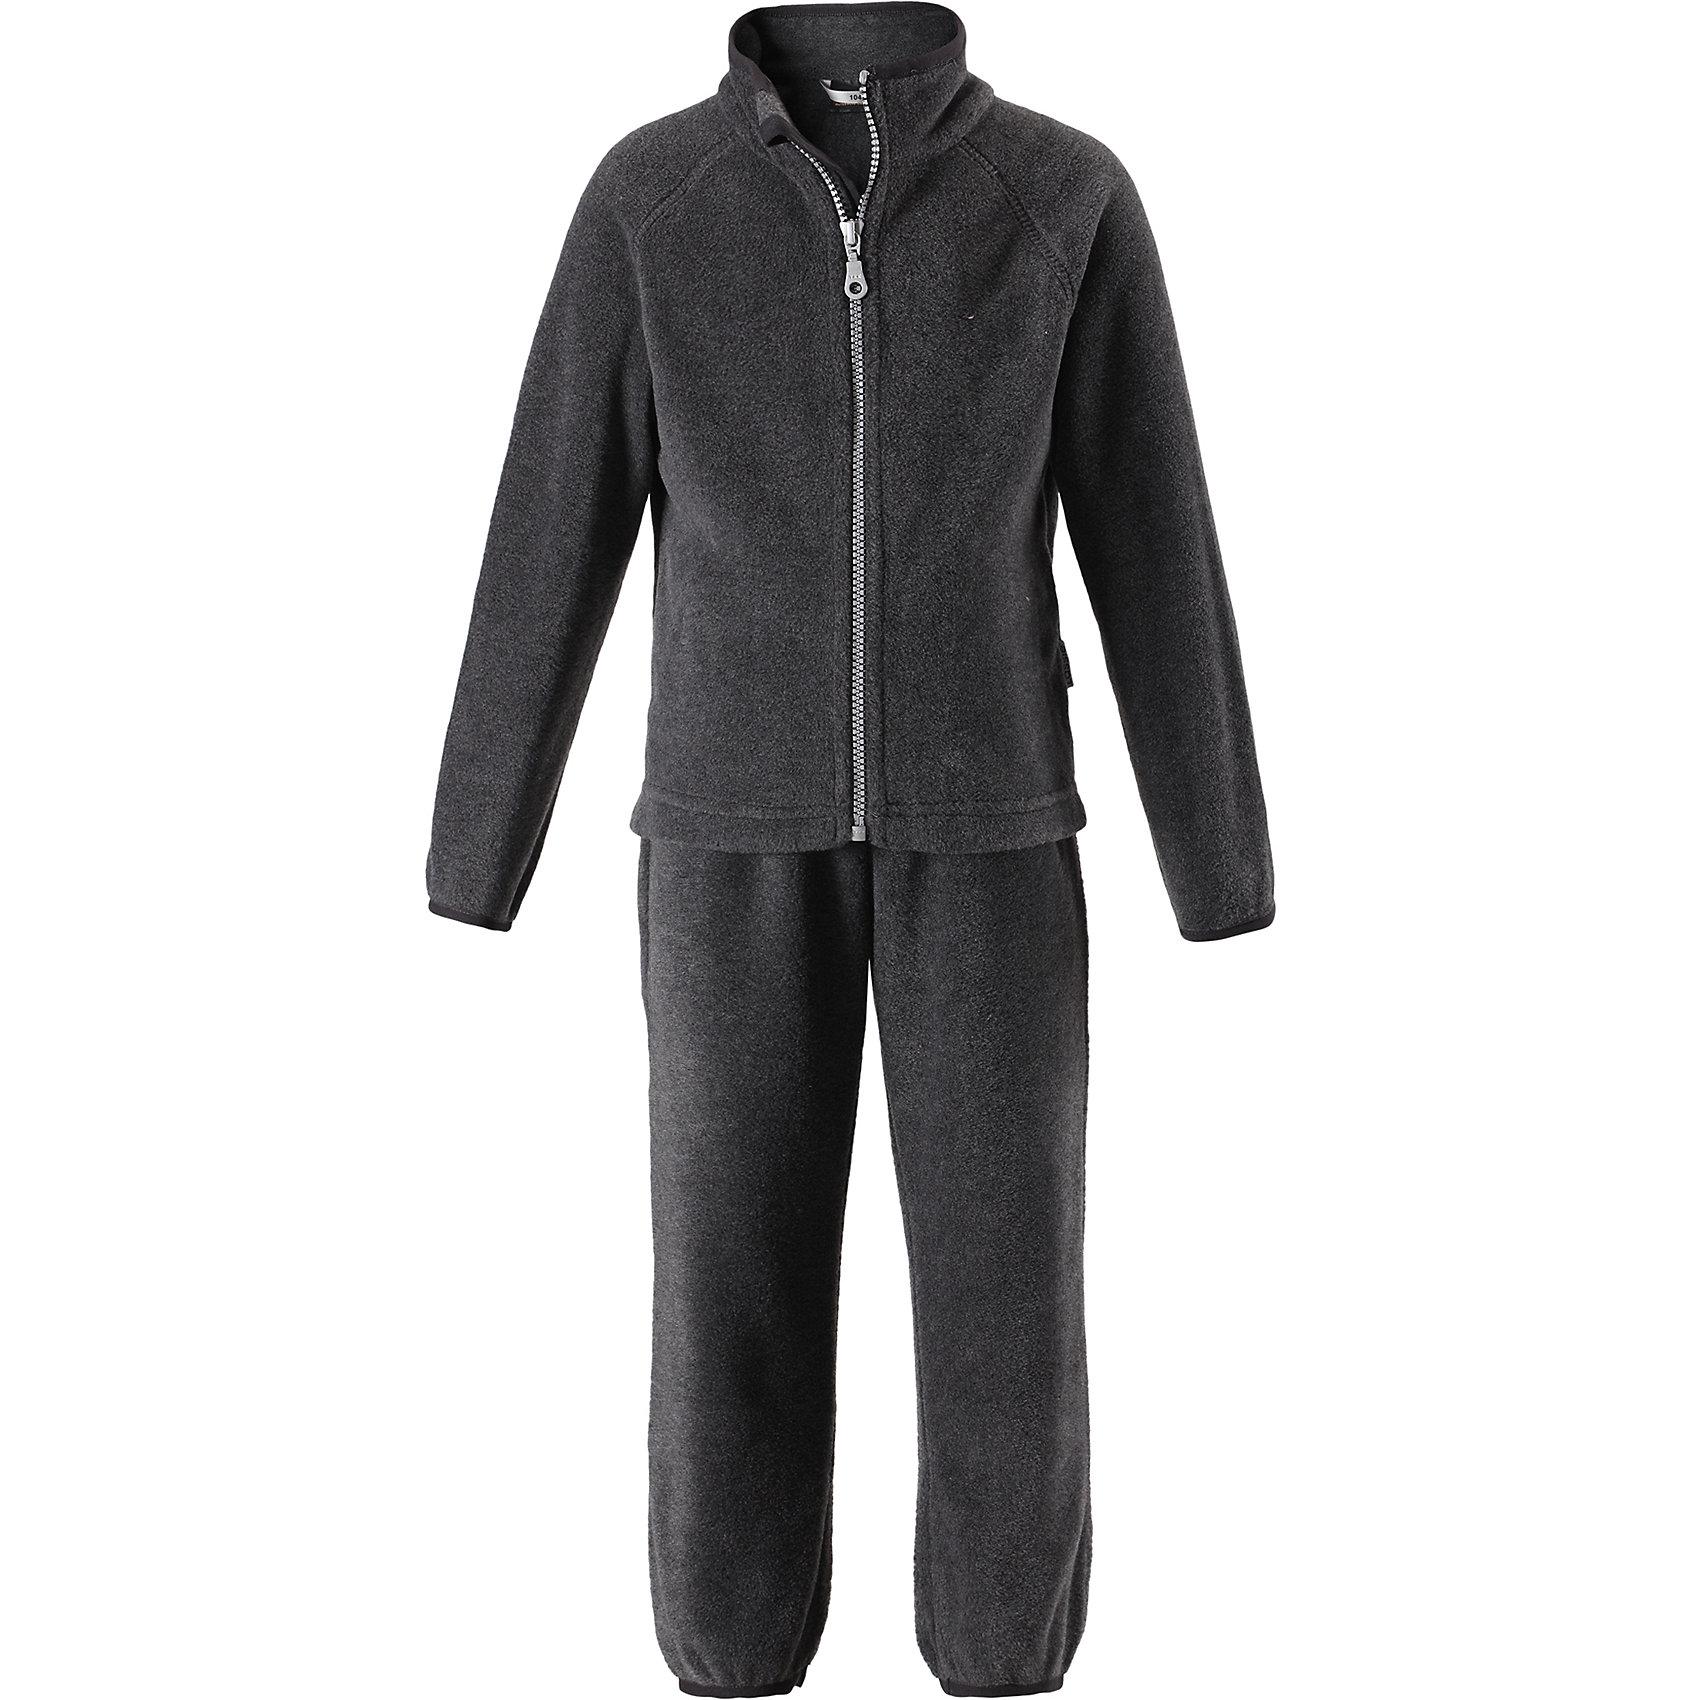 Флисовый комплект LassieФлис и термобелье<br>Характеристики товара:<br><br>• цвет: серый;<br>• состав: 100% полиэстер, флис 200 г/м2;<br>• сезон: зима;<br>• застежка: кофта на молнии, брюки на резинке;<br>• выводит влагу в верхние слои одежды;<br>• дышащий, теплый и быстросохнущий флис; <br>• молния с защитой подбородка от защемления;<br>• эластичные манжеты на рукавах и брючинах; <br>• эластичный воротник и талия;<br>• страна бренда: Финляндия;<br>• страна изготовитель: Китай;<br><br>Флисовый комплект состоит из кофты и шатнишек. Кофта застегивается на молнию по всей длине, молния с защитой подбородка от защемления. Брюки на эластичной мягкой резинке, которая не давит.<br><br>Флисовый комплект Lassie (Ласси) можно купить в нашем интернет-магазине.<br><br>Ширина мм: 190<br>Глубина мм: 74<br>Высота мм: 229<br>Вес г: 236<br>Цвет: серый<br>Возраст от месяцев: 108<br>Возраст до месяцев: 120<br>Пол: Унисекс<br>Возраст: Детский<br>Размер: 140,92,98,104,110,116,122,128,134<br>SKU: 6927941